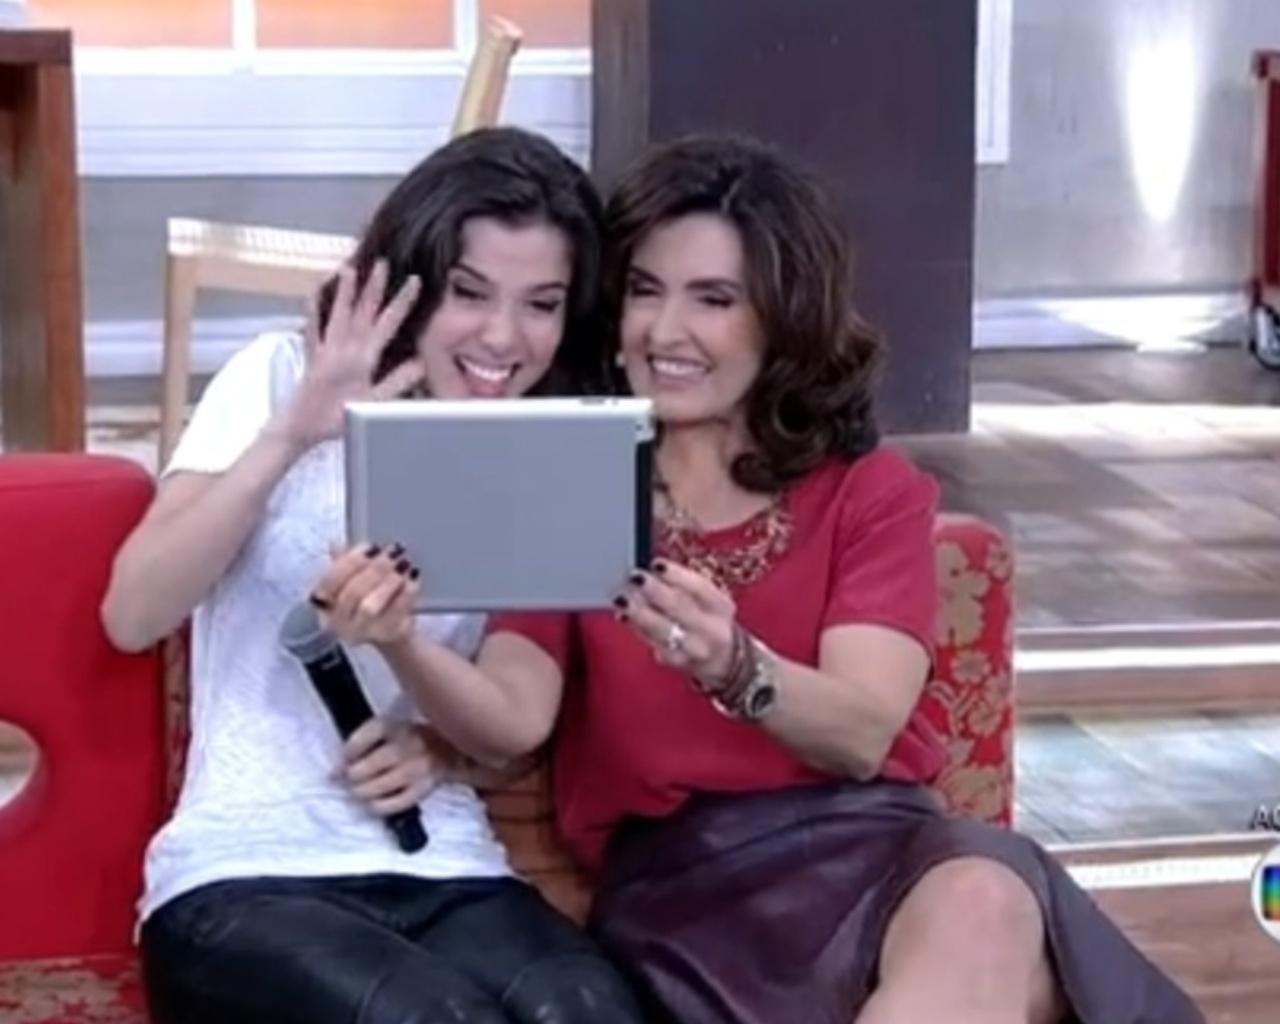 30.jul.2014 - Por meio de uma videoconferência, Marjorie Estiano e Fátima Bernardes interagem com Drica Moraes